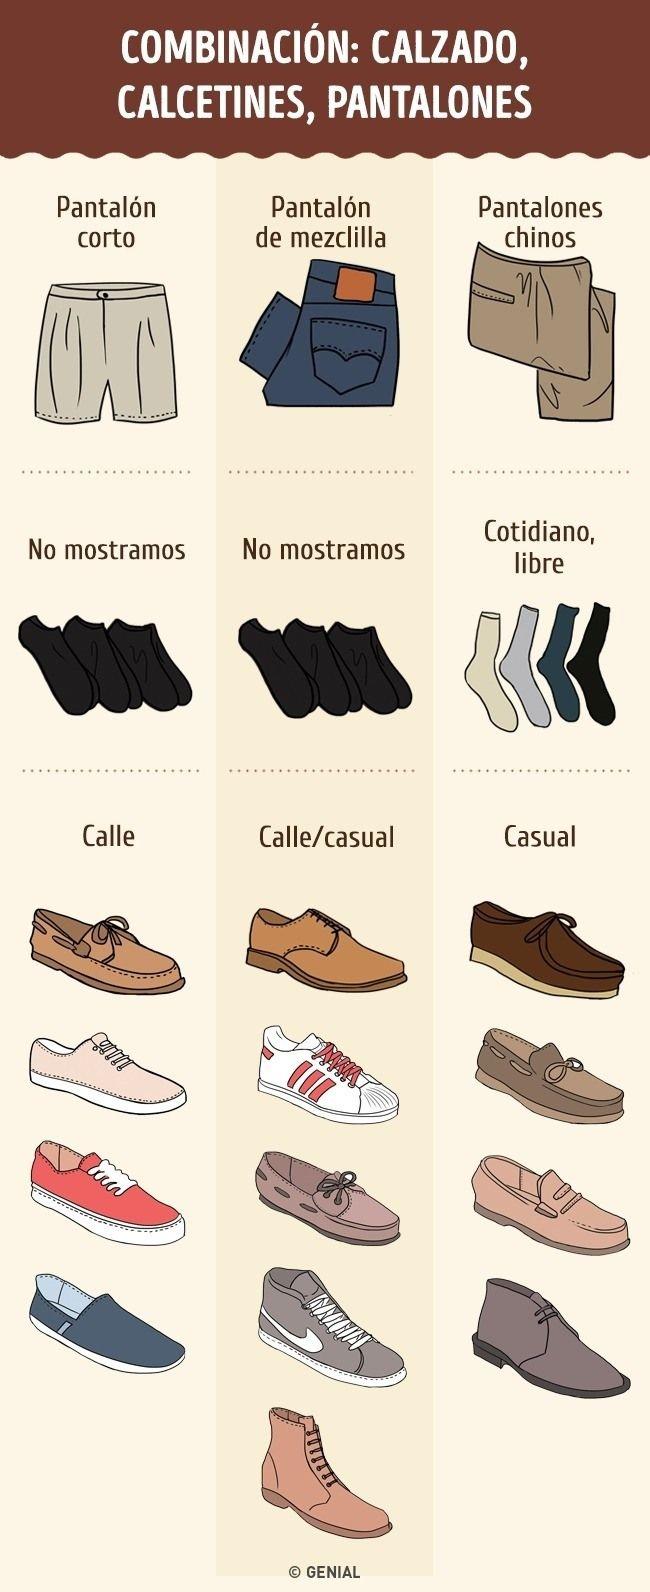 Infografia cómo combinar zapatos calcetines y pantalones masculinos. #modahombre #infografia #calzadohombre #ropa